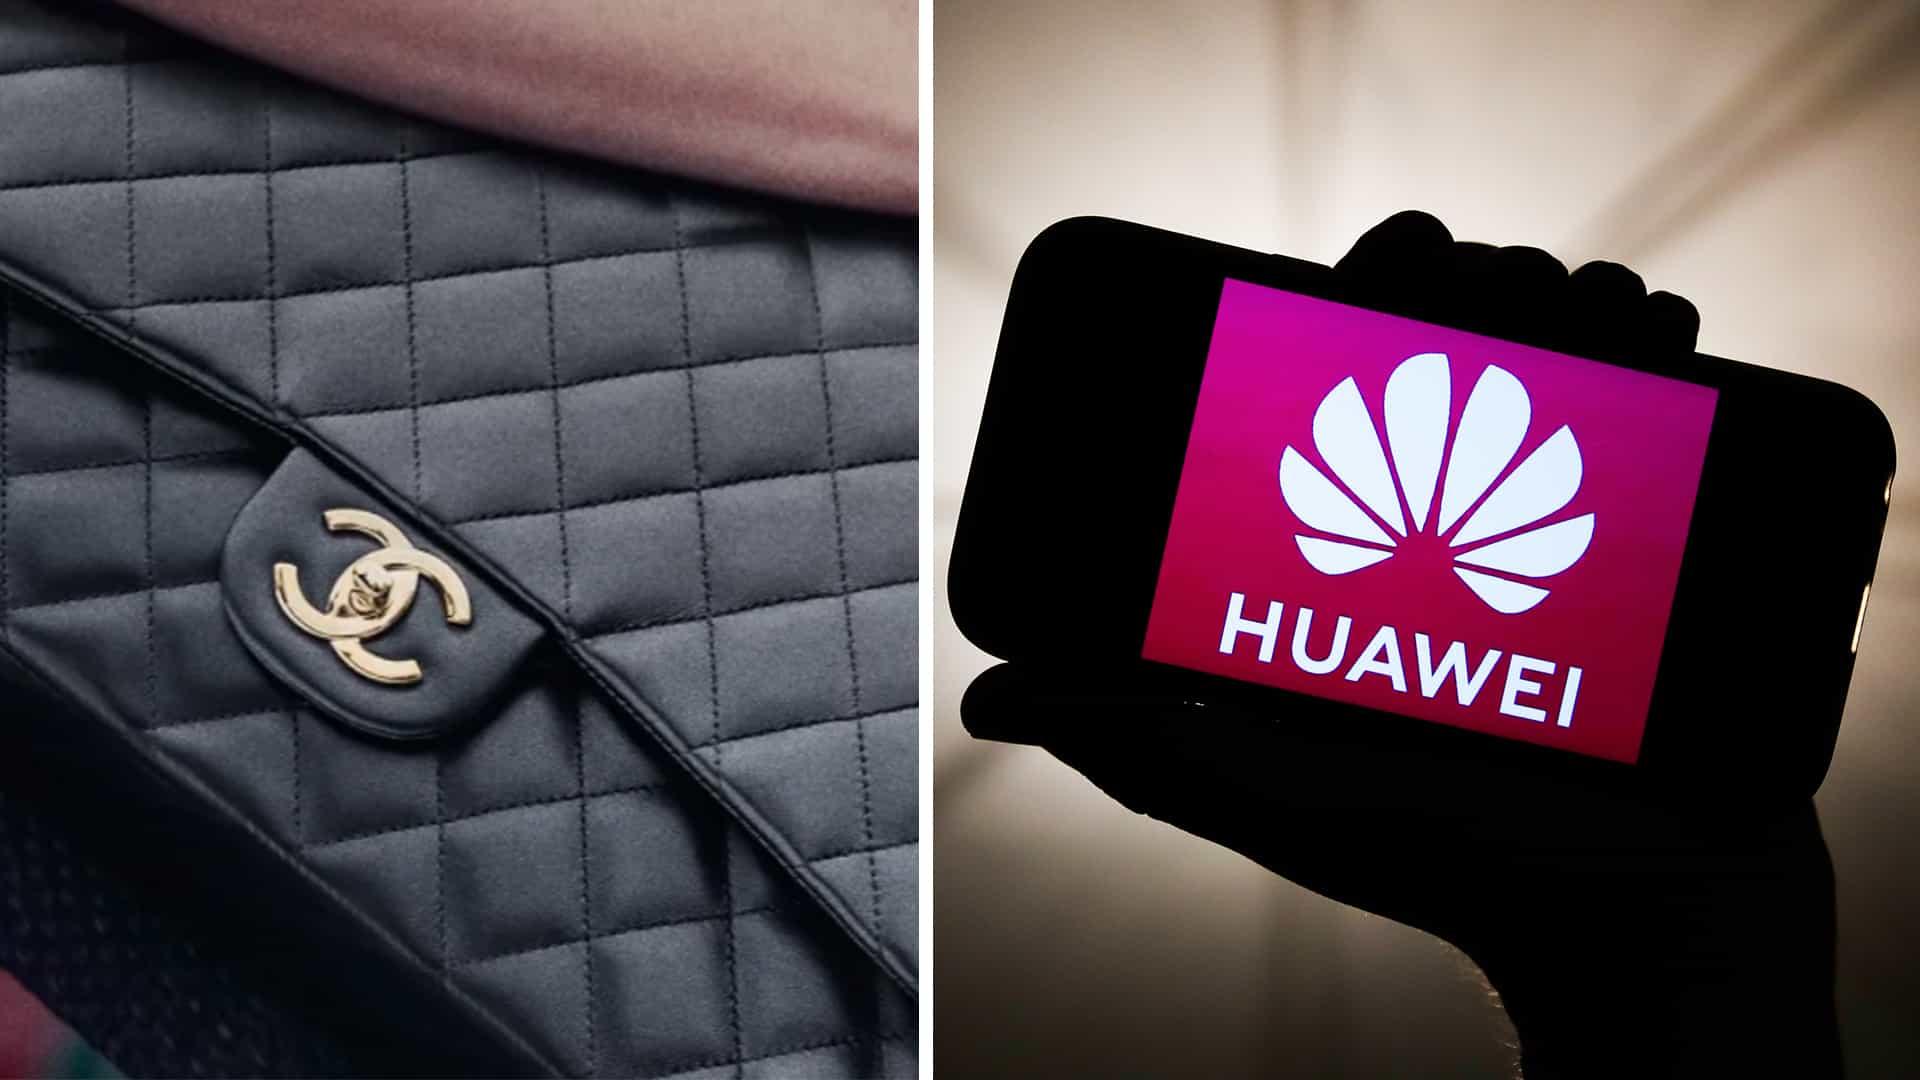 Chanel vs Huawei podría ser la disputa de logotipos más ridícula hasta ahora